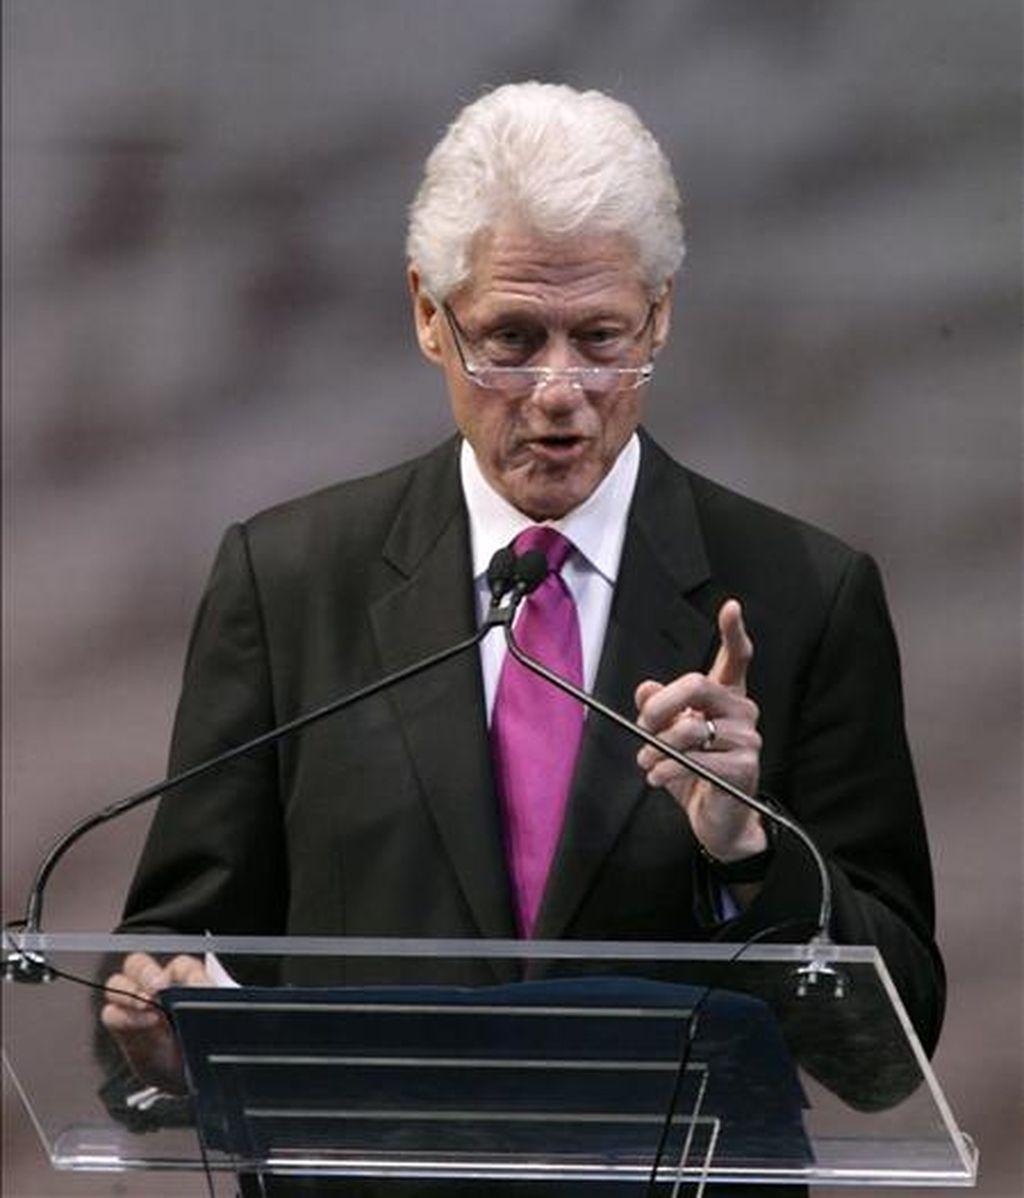 El ex presidente de EE.UU. y enviado especial de la ONU para Haití, Bill Clinton, presidió la reunión de la Comisión Interina para la reconstrucción de Haití (CIRH), junto al primer ministro haitiano, Jean-Max Bellerive, a la que también asistieron la secretaria de Estado de EE.UU., Hillary Clinton y los ministros de Exteriores de Francia, España y Argentina, entre otros. EFE/Archivo